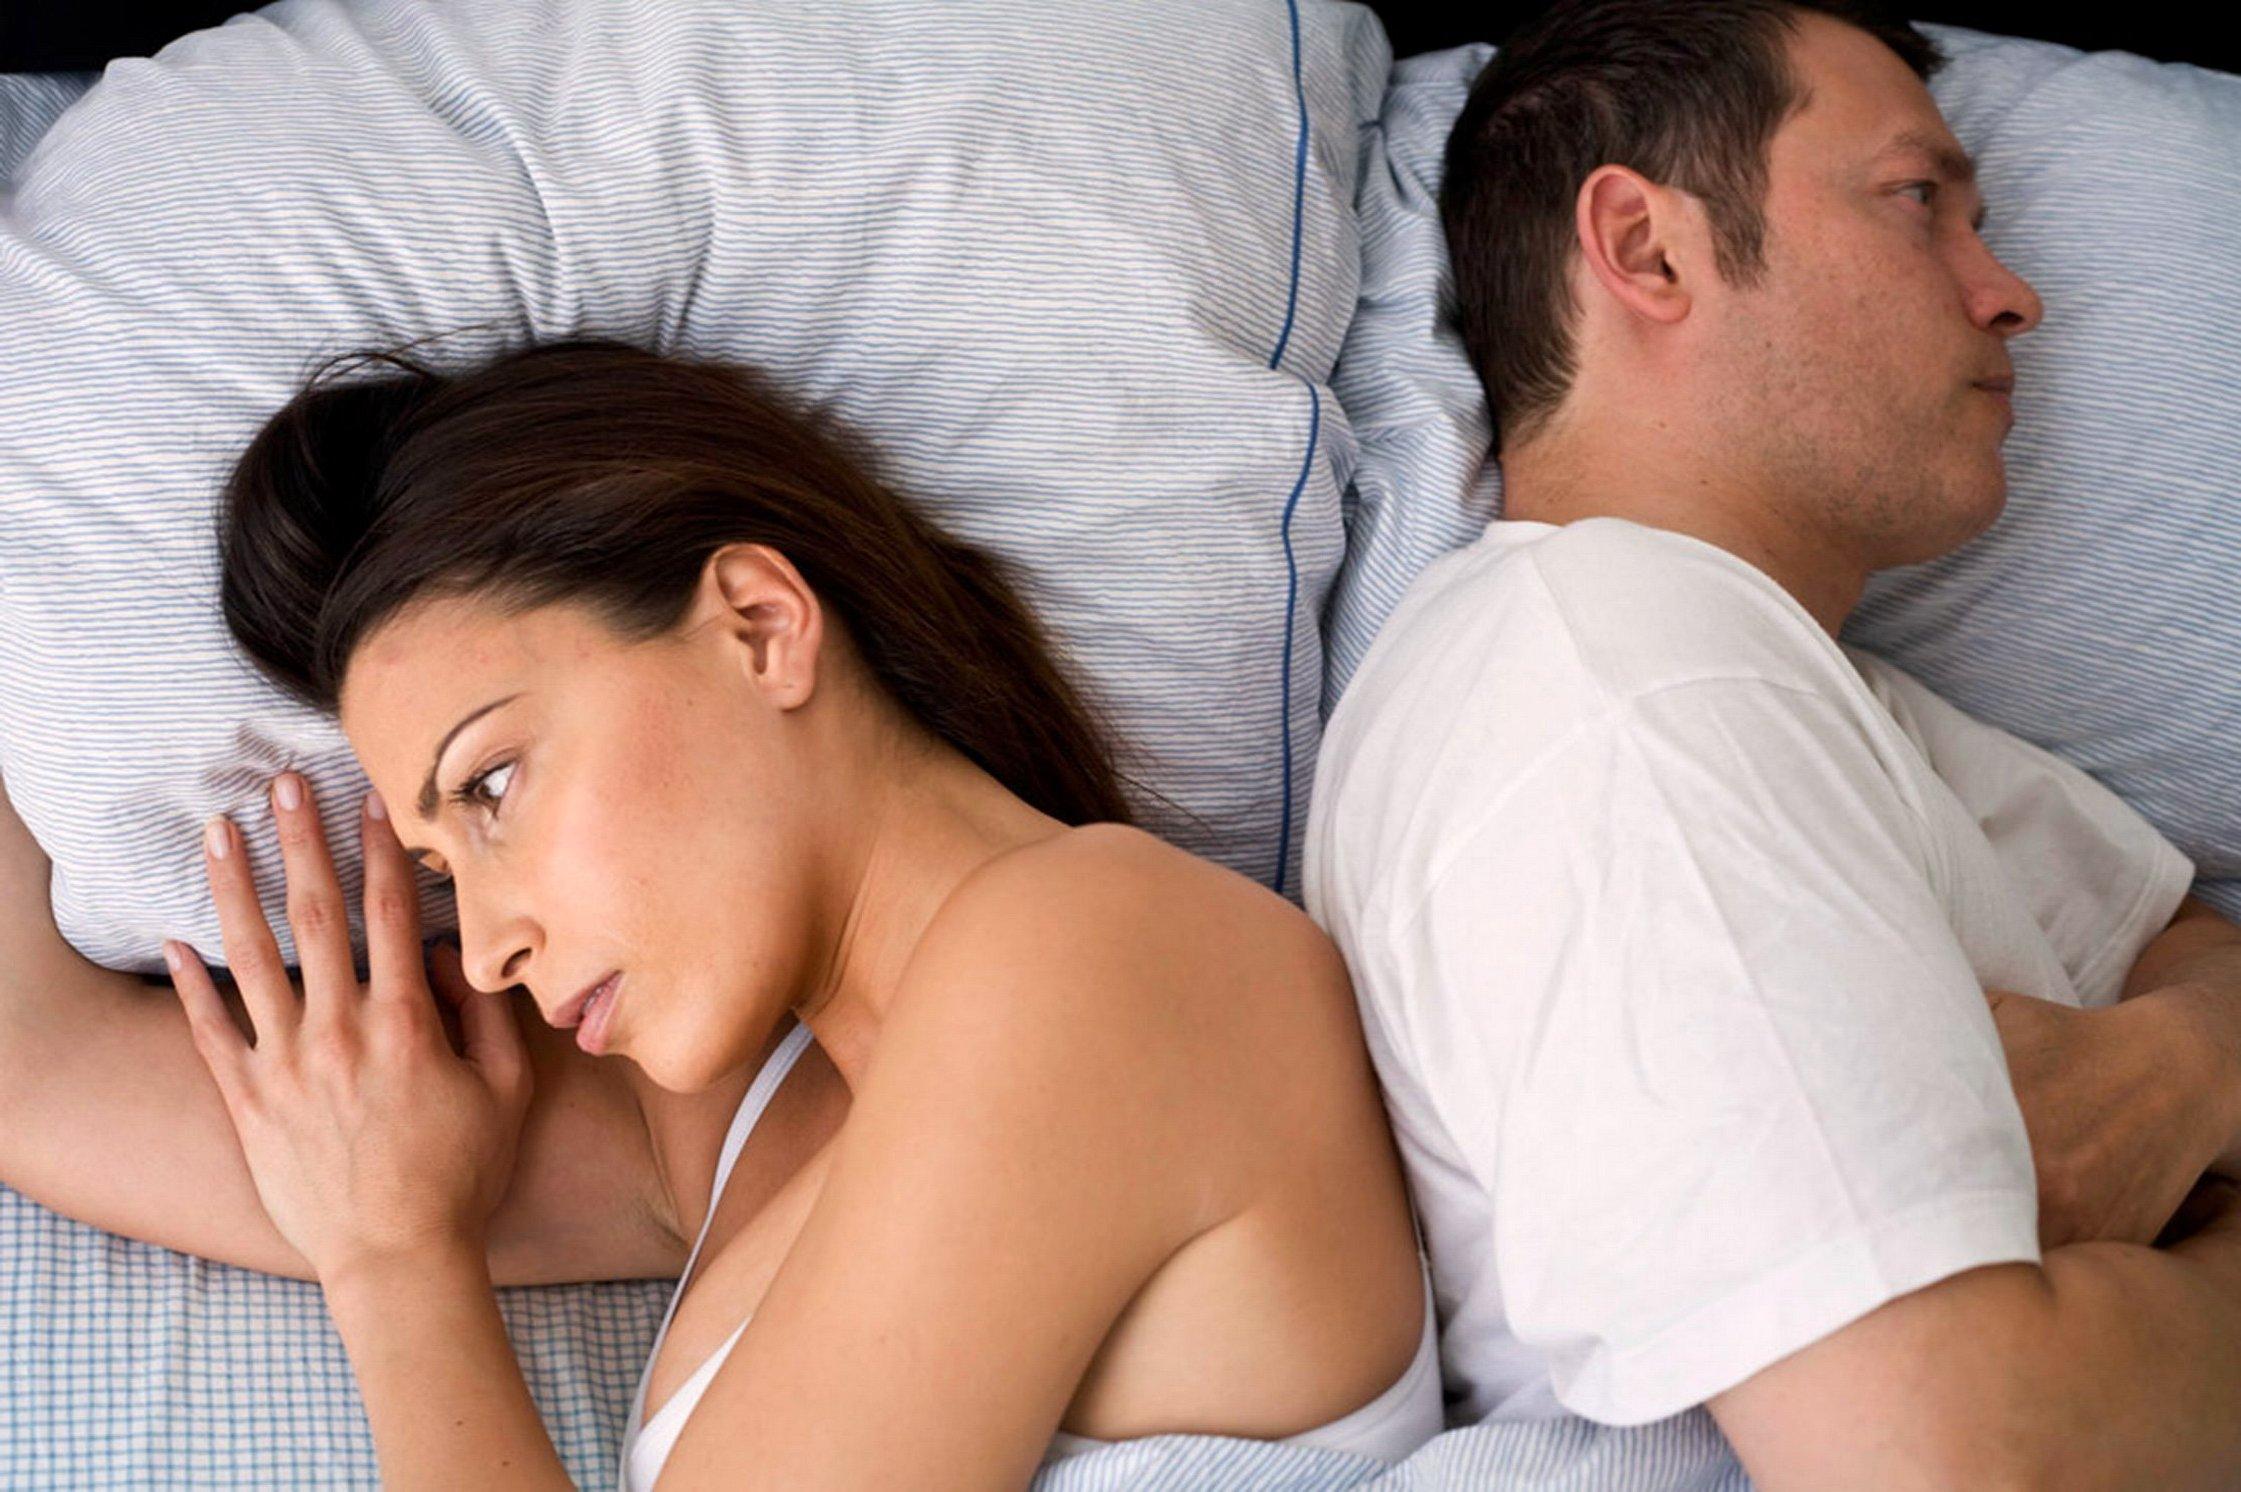 Заразилась уроплазмой через оральный секс